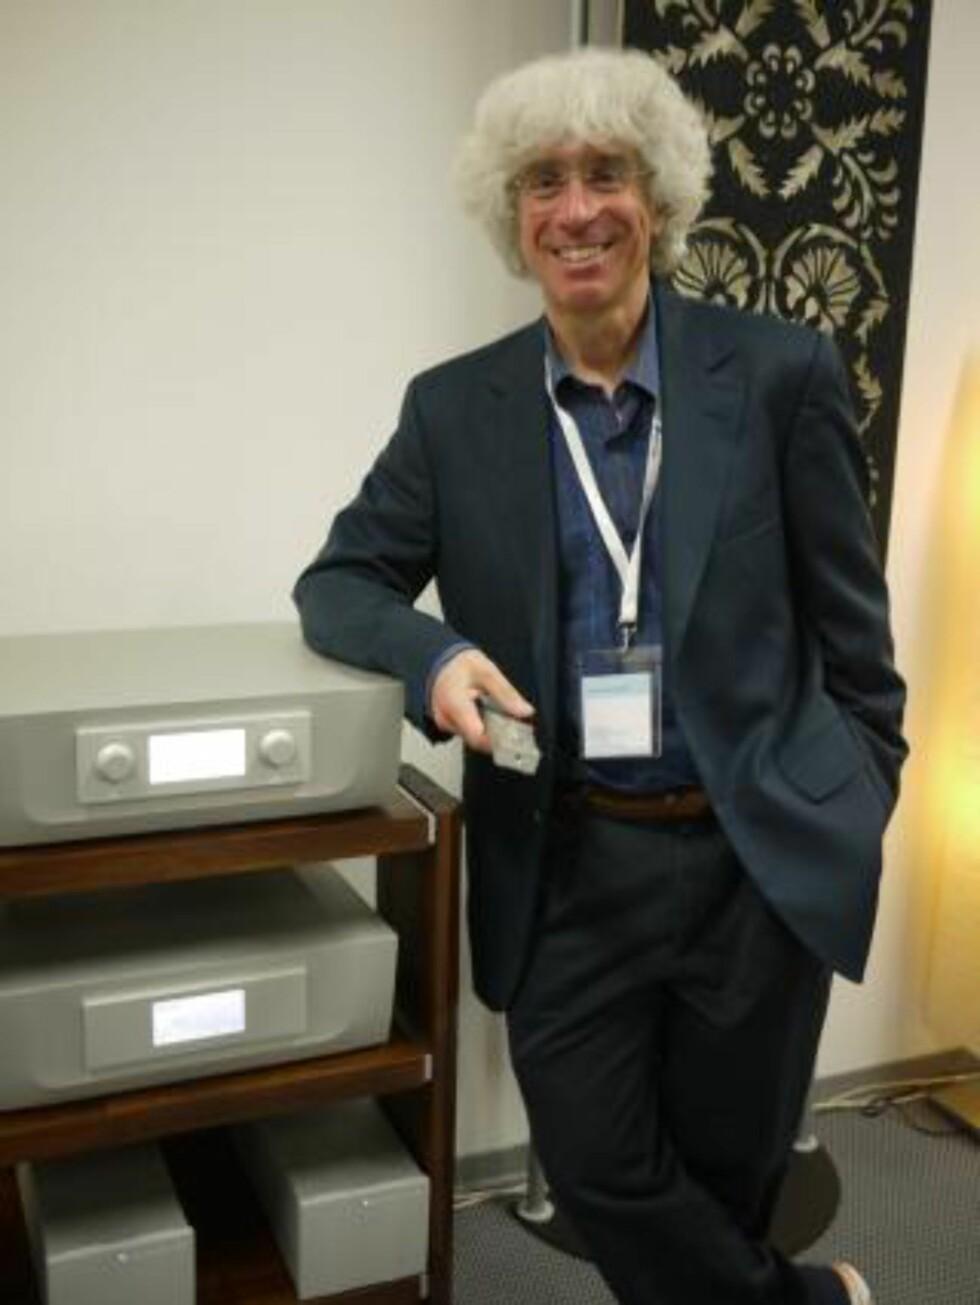 EKSTREM ELEKTRONIKK: Peter Madnick har ledet utviklingsarbeidet på de ekstremt gode og voldsomt dyre komponentene fra Constellation Audio.